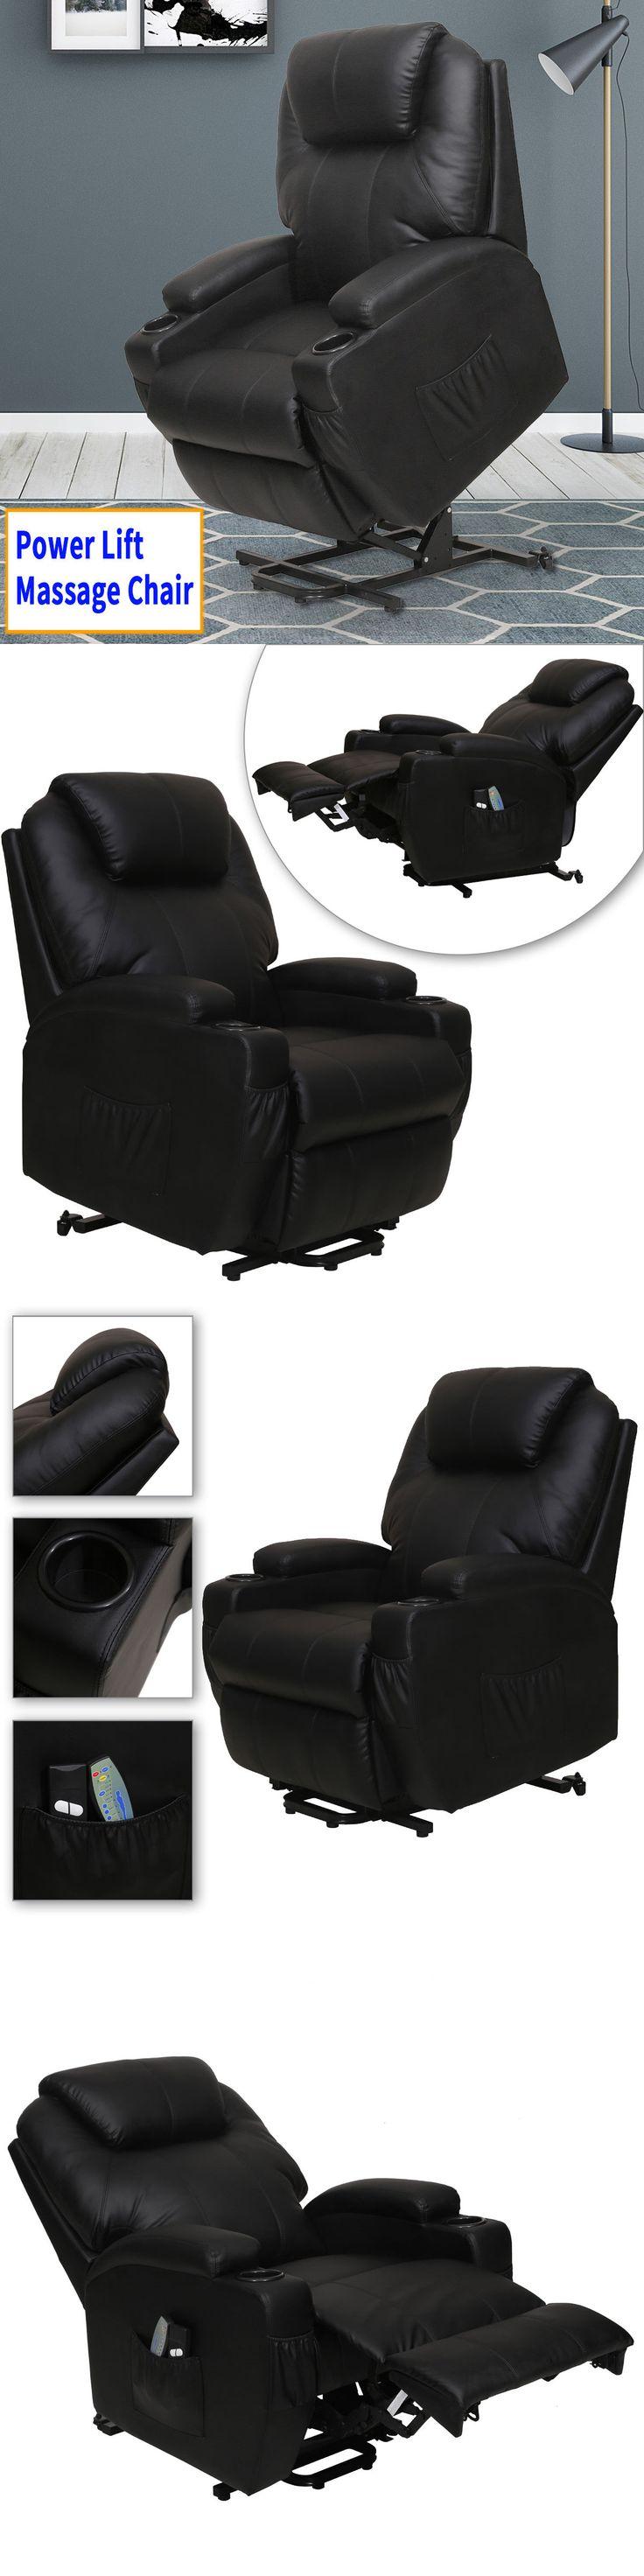 584 mejores imágenes de Electric Massage Chairs en Pinterest